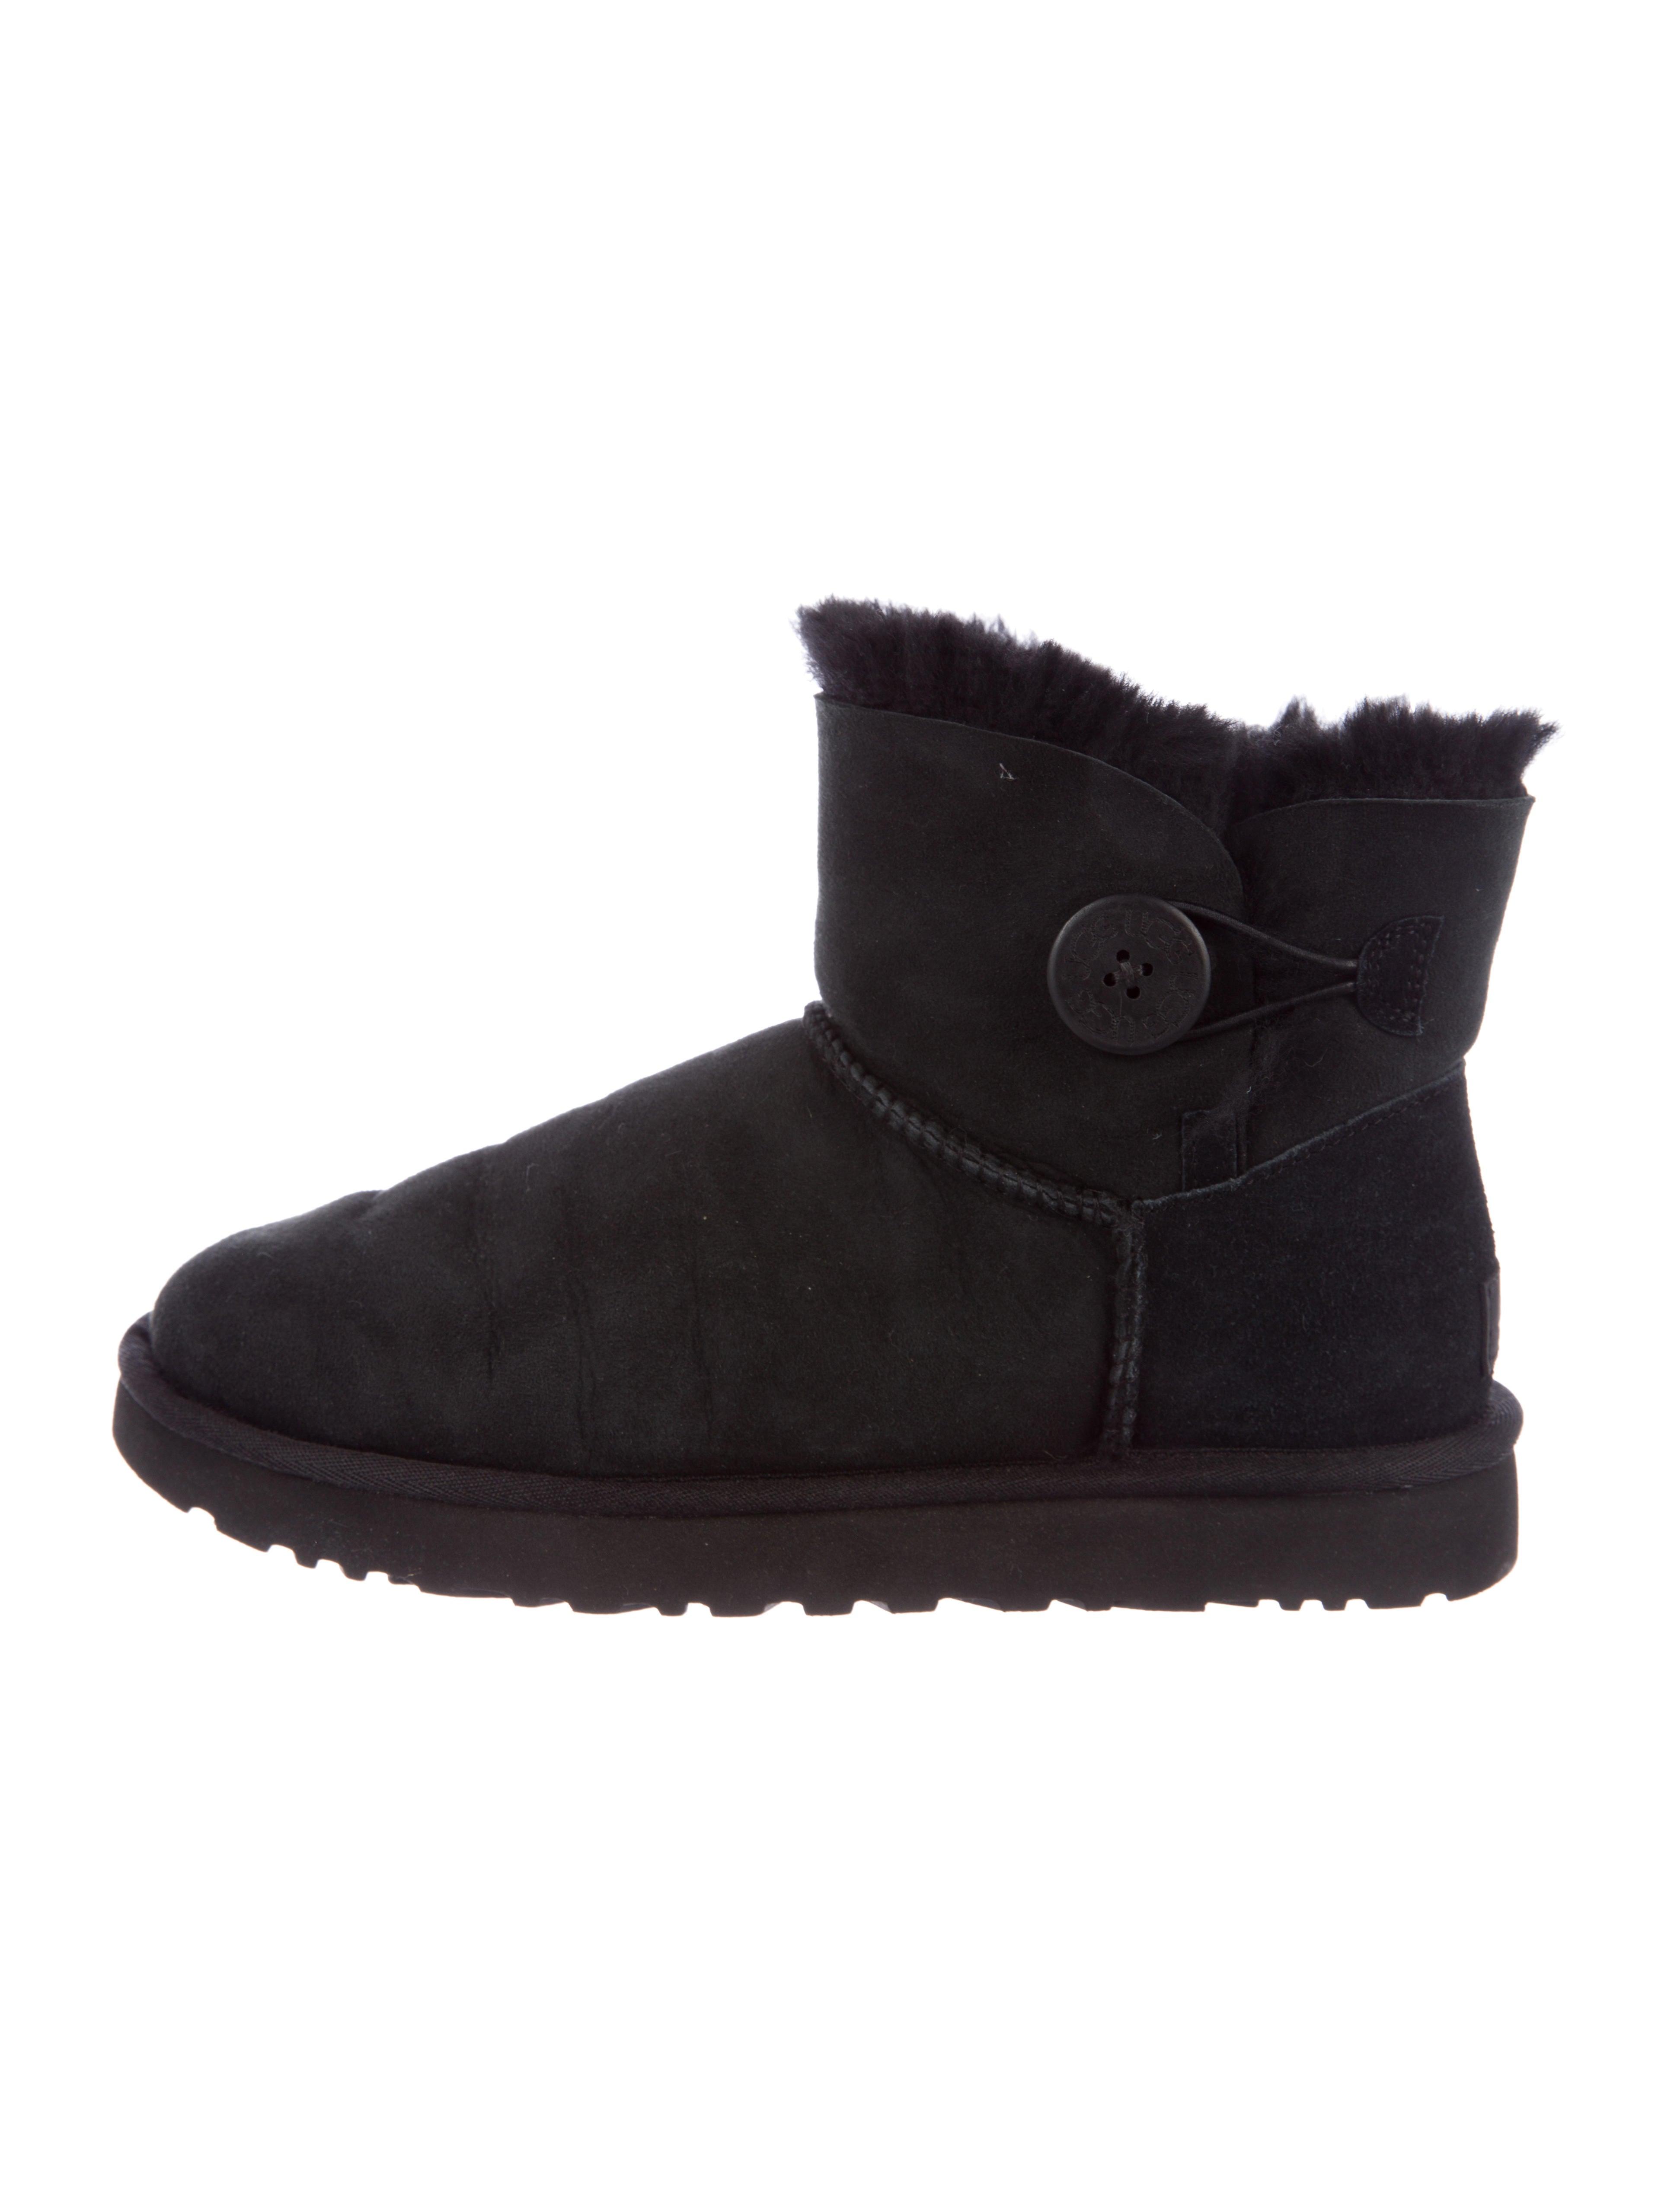 UGG Australia Shearling-Trimmed Suede Boots sale nicekicks 30V5Vibe